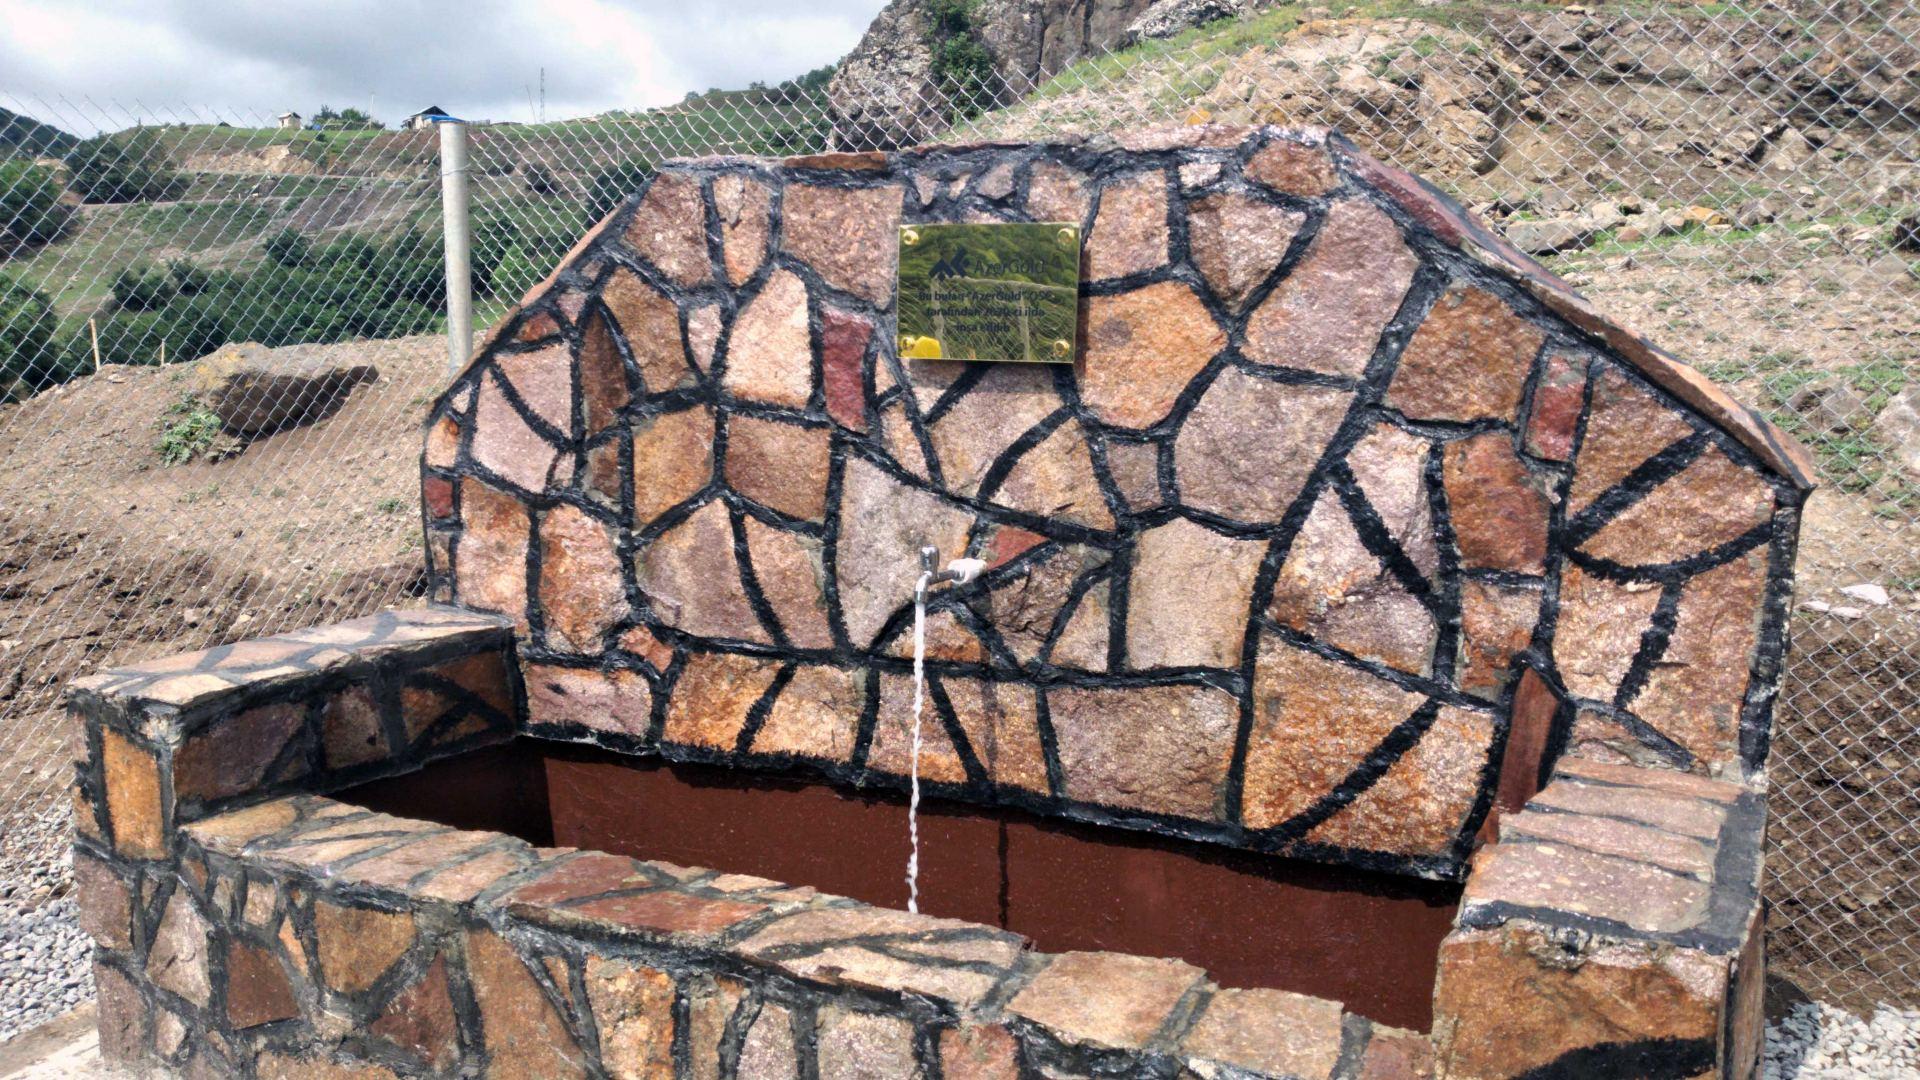 ЗАО AzerGold обеспечило несколько сёл в Азербайджане питьевой водой